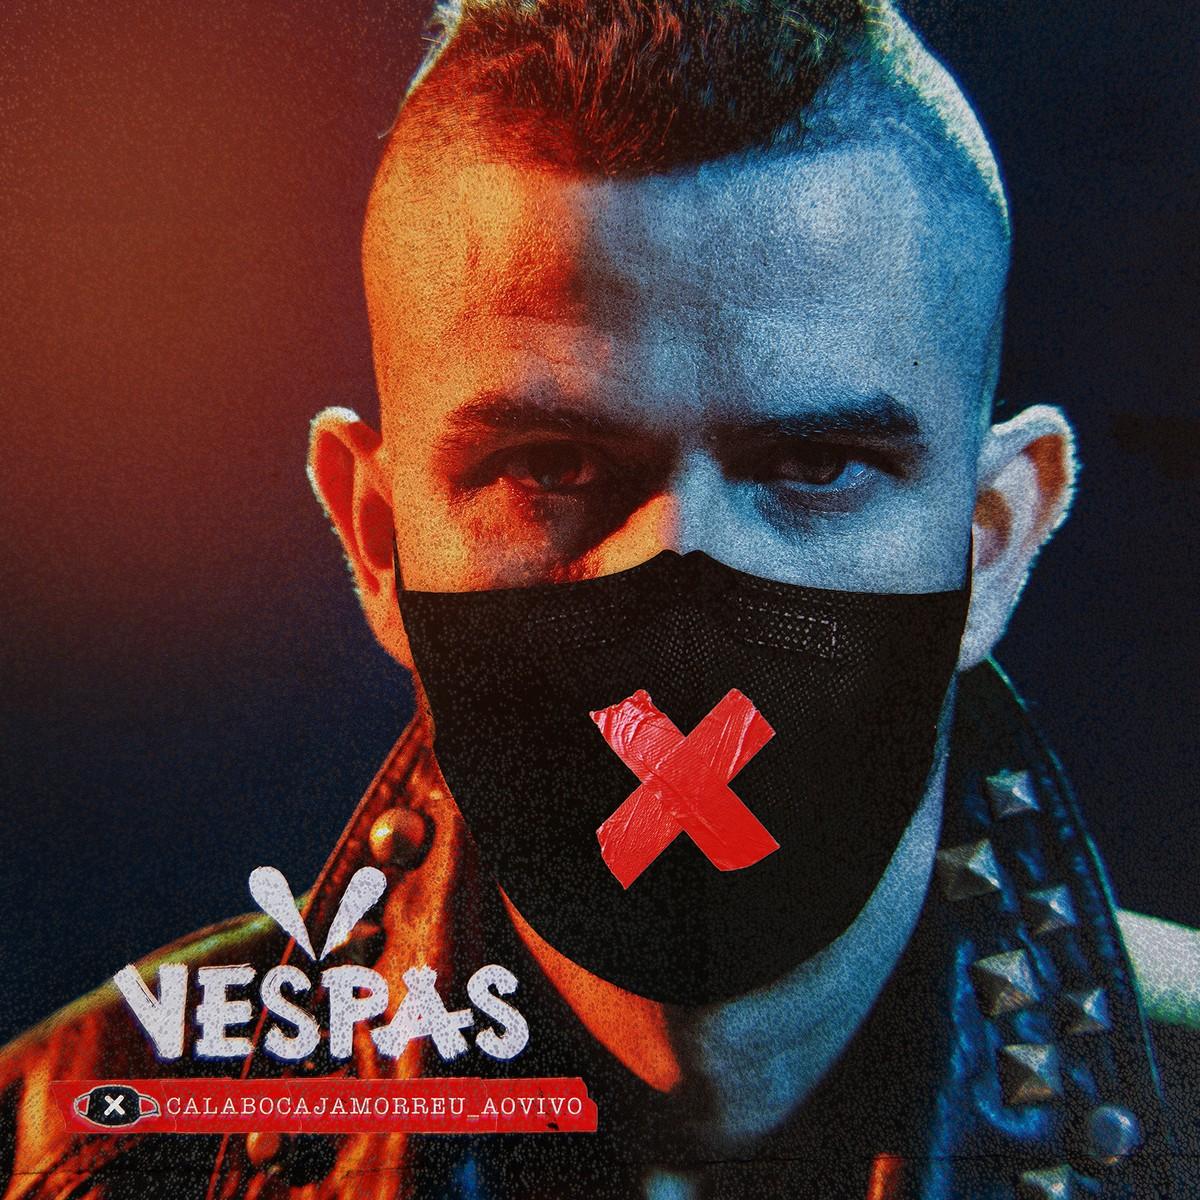 Banda Vespas Mandarinas apronta o álbum 'Cala a boca já morreu' | Blog do Mauro Ferreira